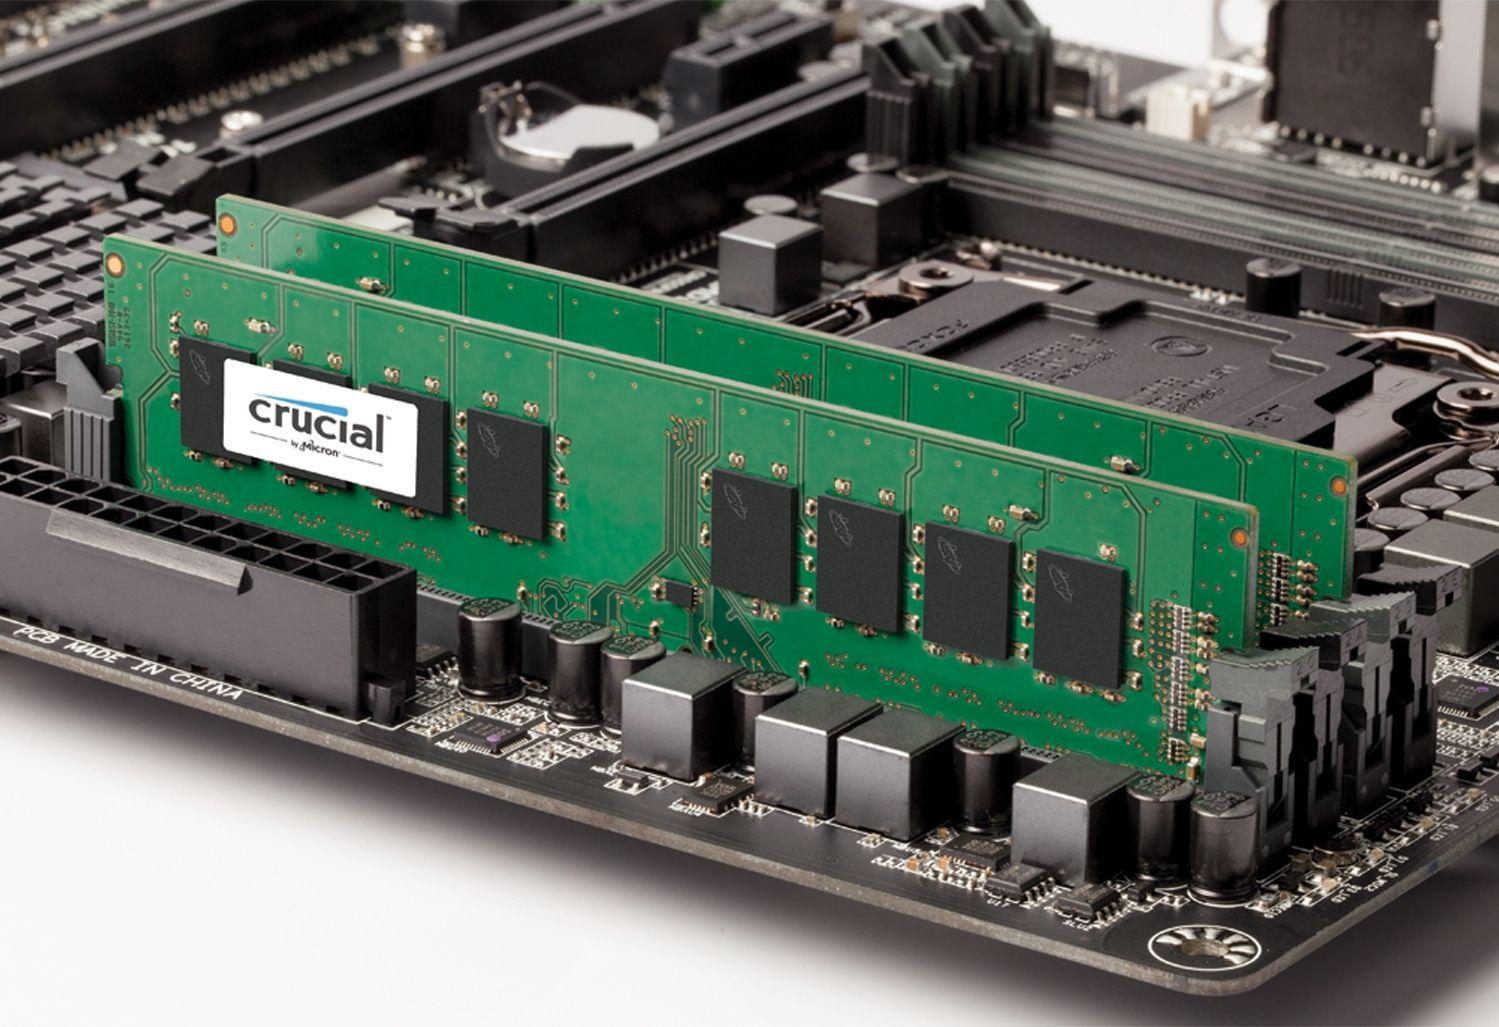 Deux modules de RAM Crucial en place dans une carte mère